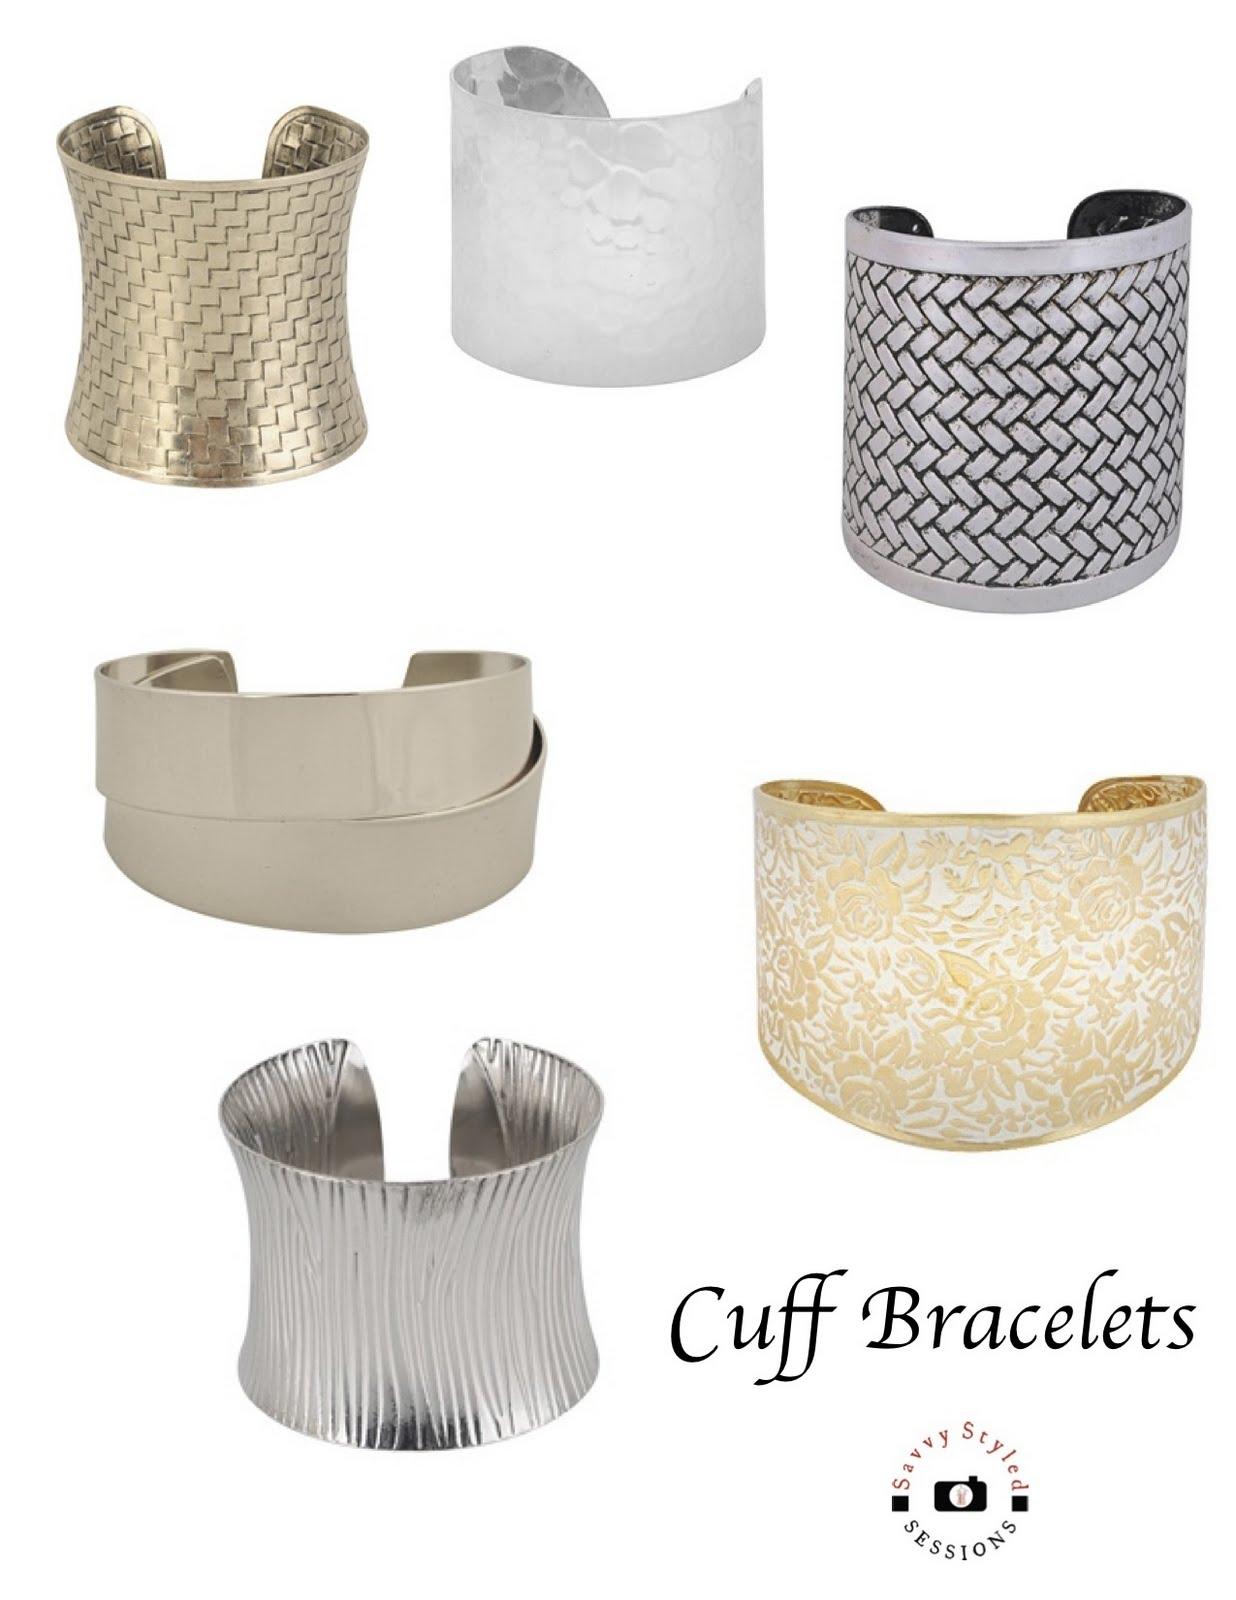 http://1.bp.blogspot.com/-QwkaW2lTQuo/T9hPXIwxFWI/AAAAAAAABRE/FkG-6cDnaIQ/s1600/Fall+2012+Trend+Cuff+Bracelets.jpg